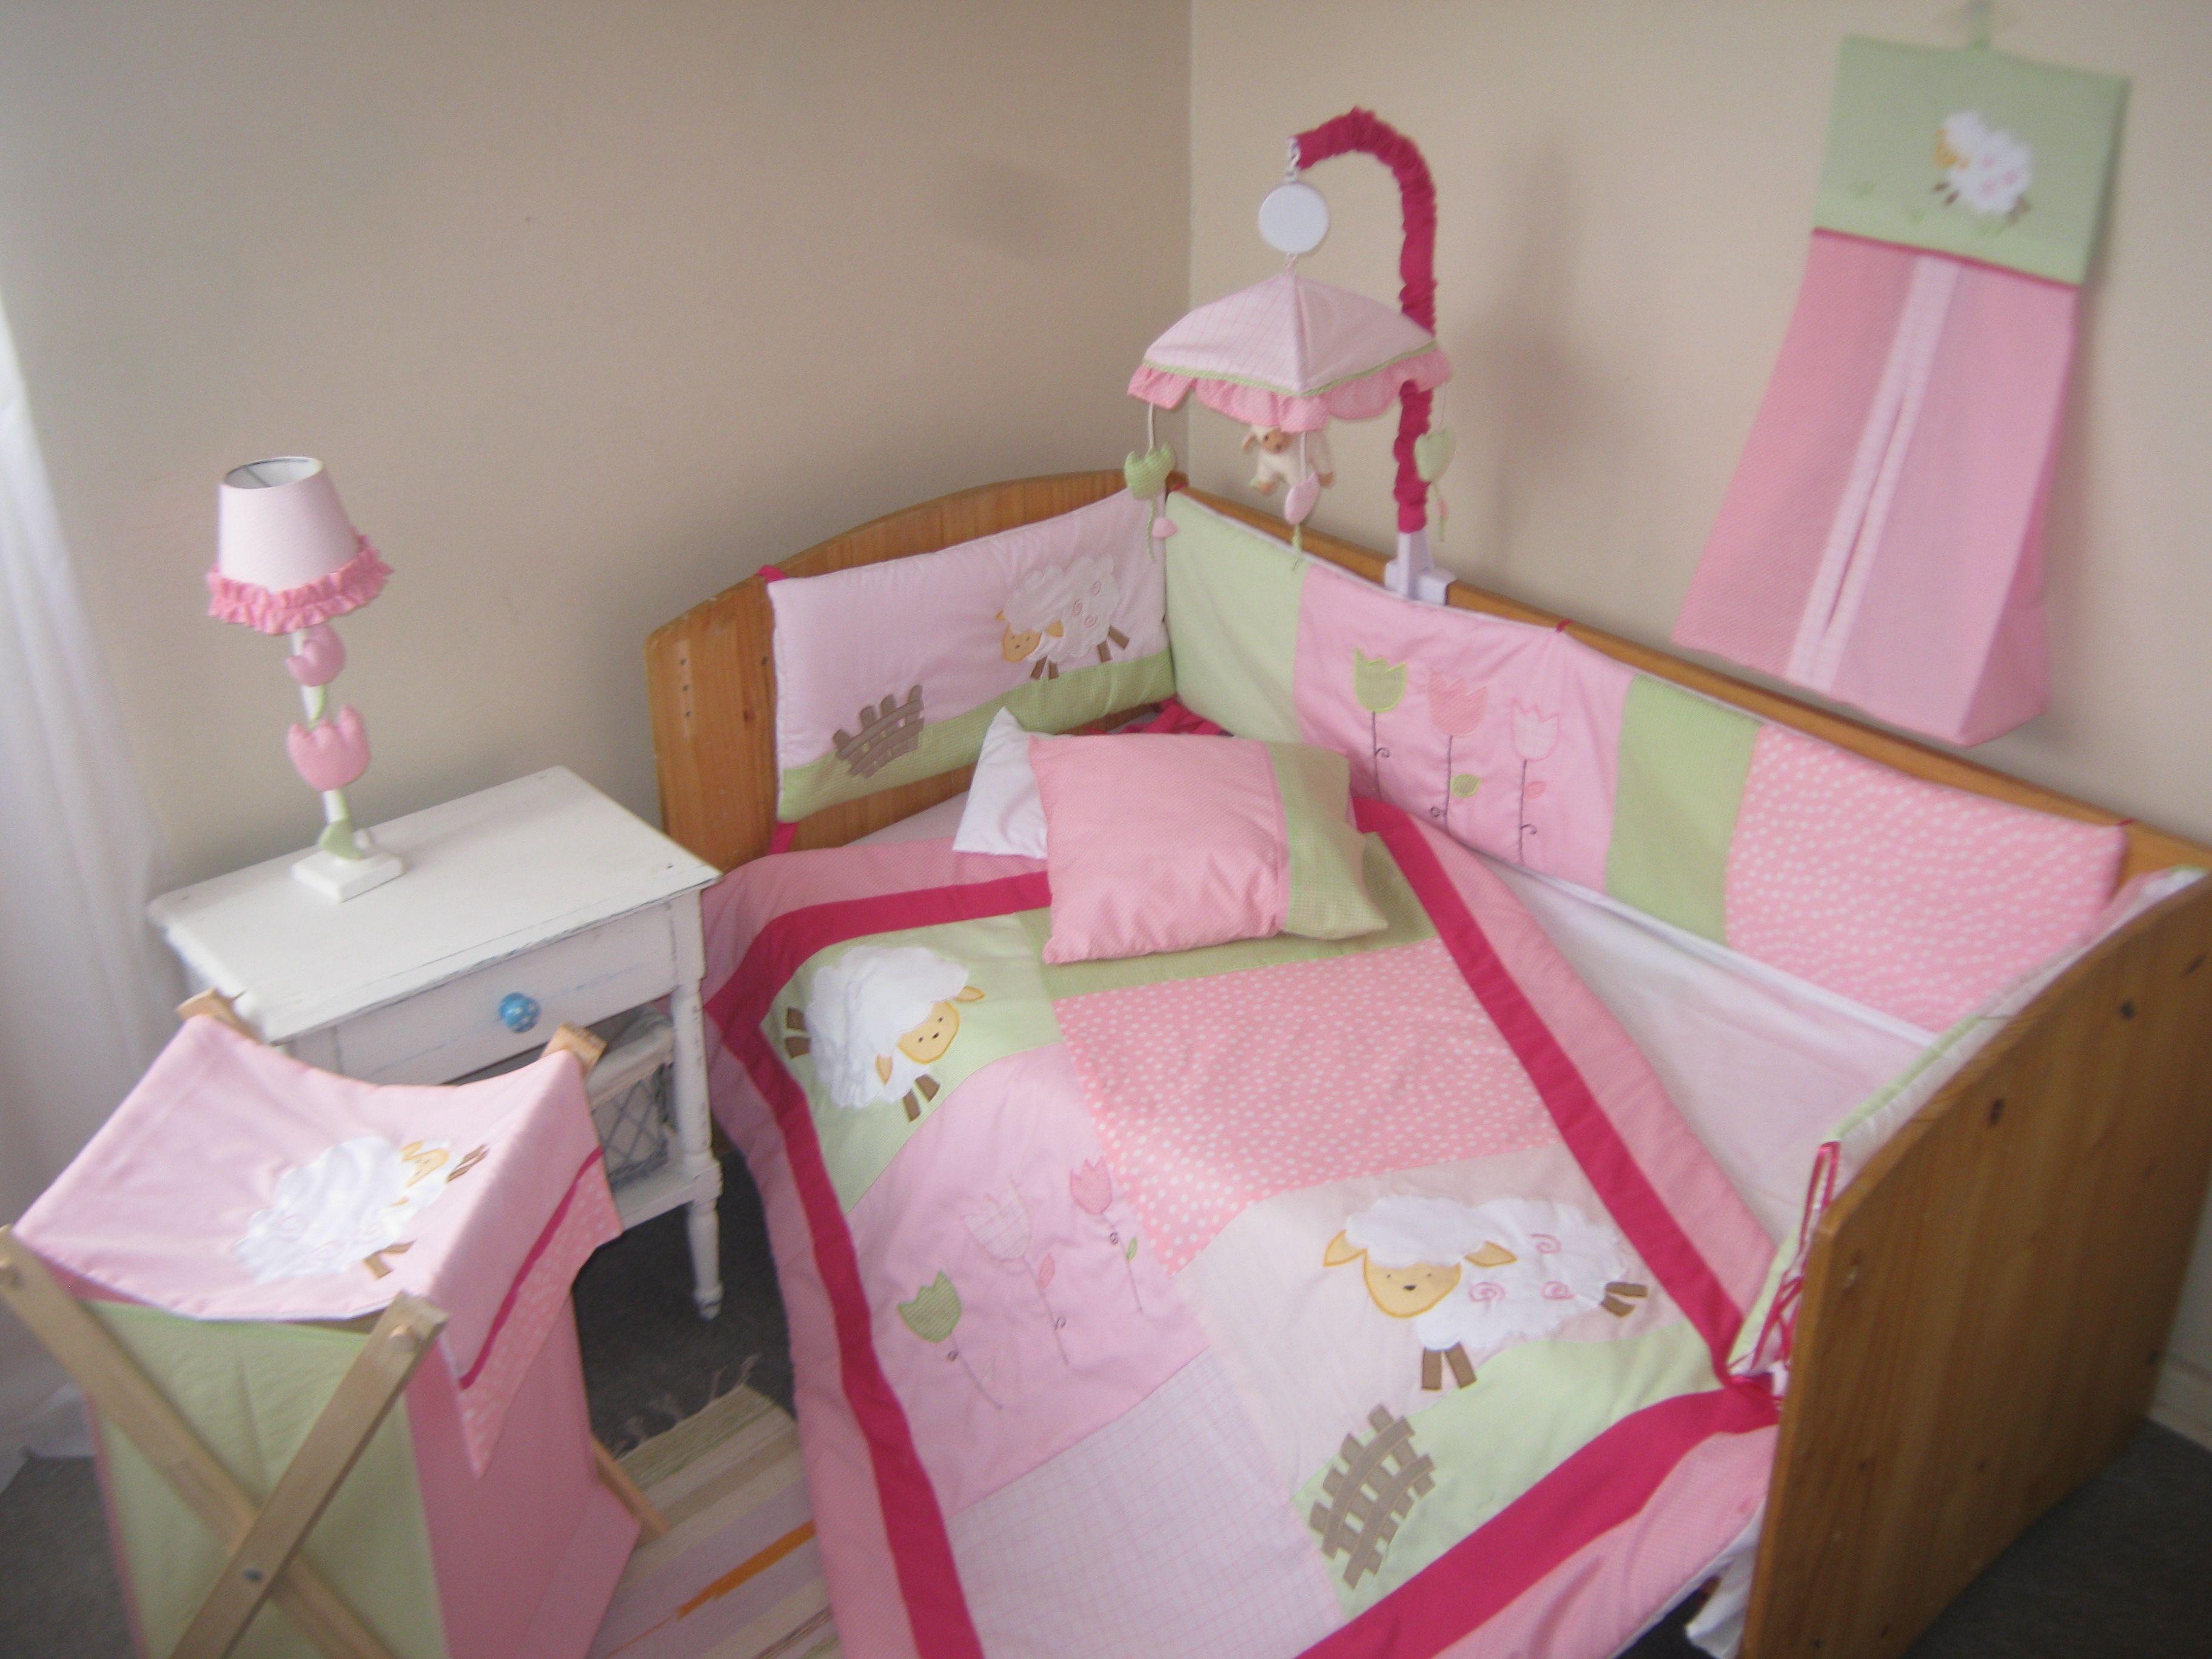 Set de cuna niñas Ovejitas | set de cuna, crib bedding set ...